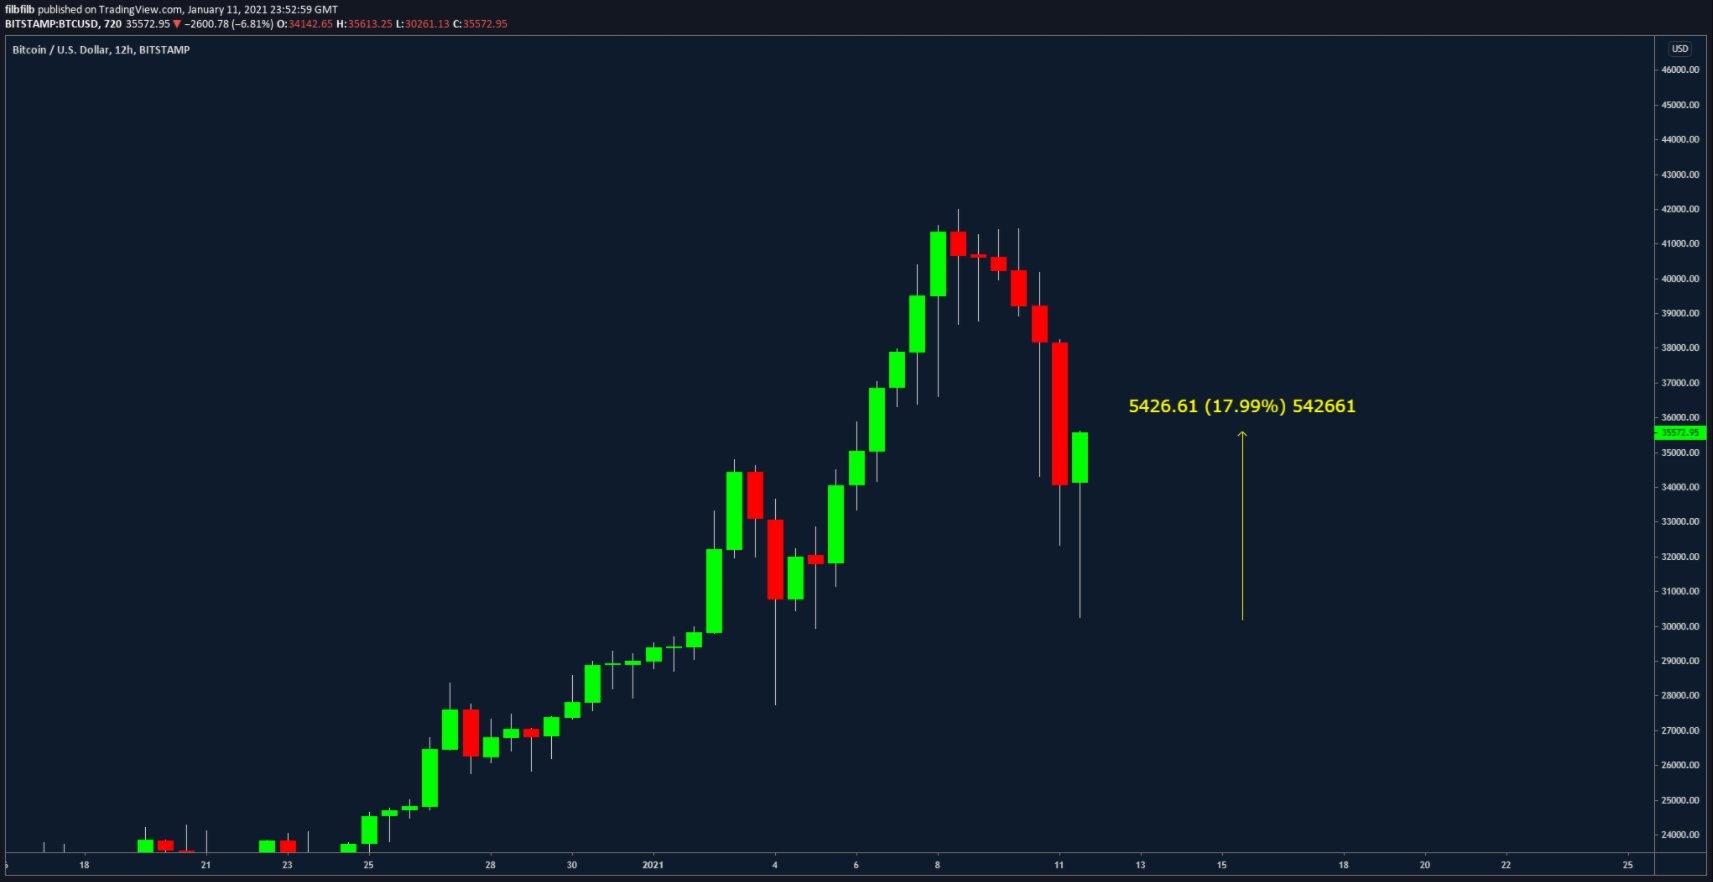 Gráfico de velas de 12 horas del BTC/USD (Bitstamp) con datos de recuperación. Fuente: filbfilb/ TradingView